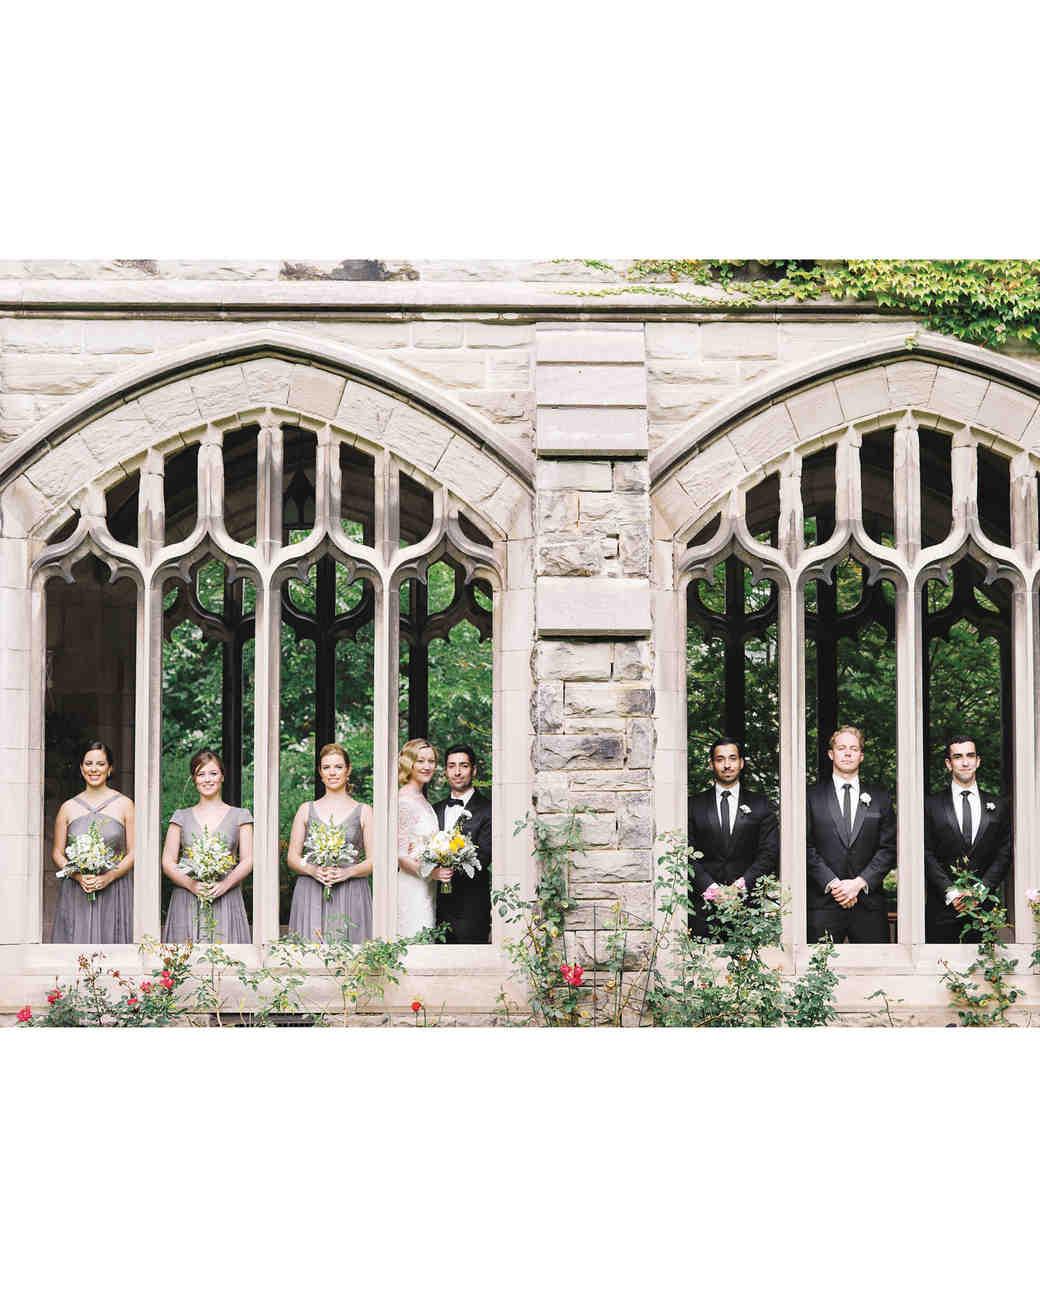 mamy-dan-wedding-canada-portraits-wedding-party-042-s112629.jpg